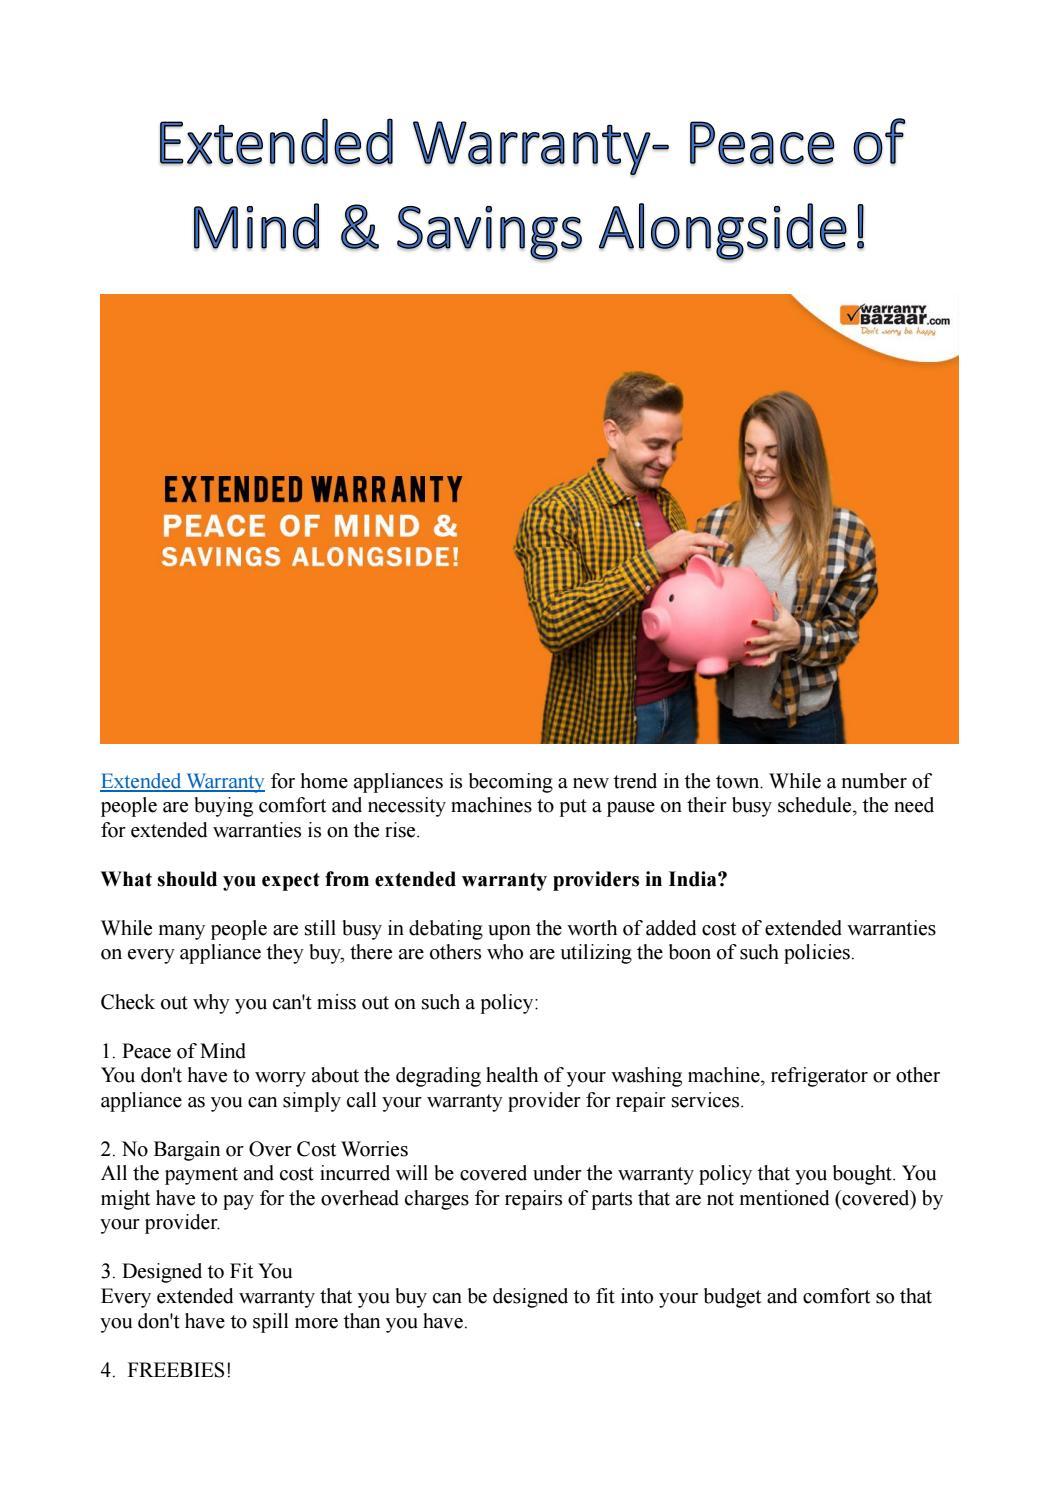 Warrantybazaar Extended Warranty Peace Of Mind Savings Alongside By Warranty Bazaar Issuu